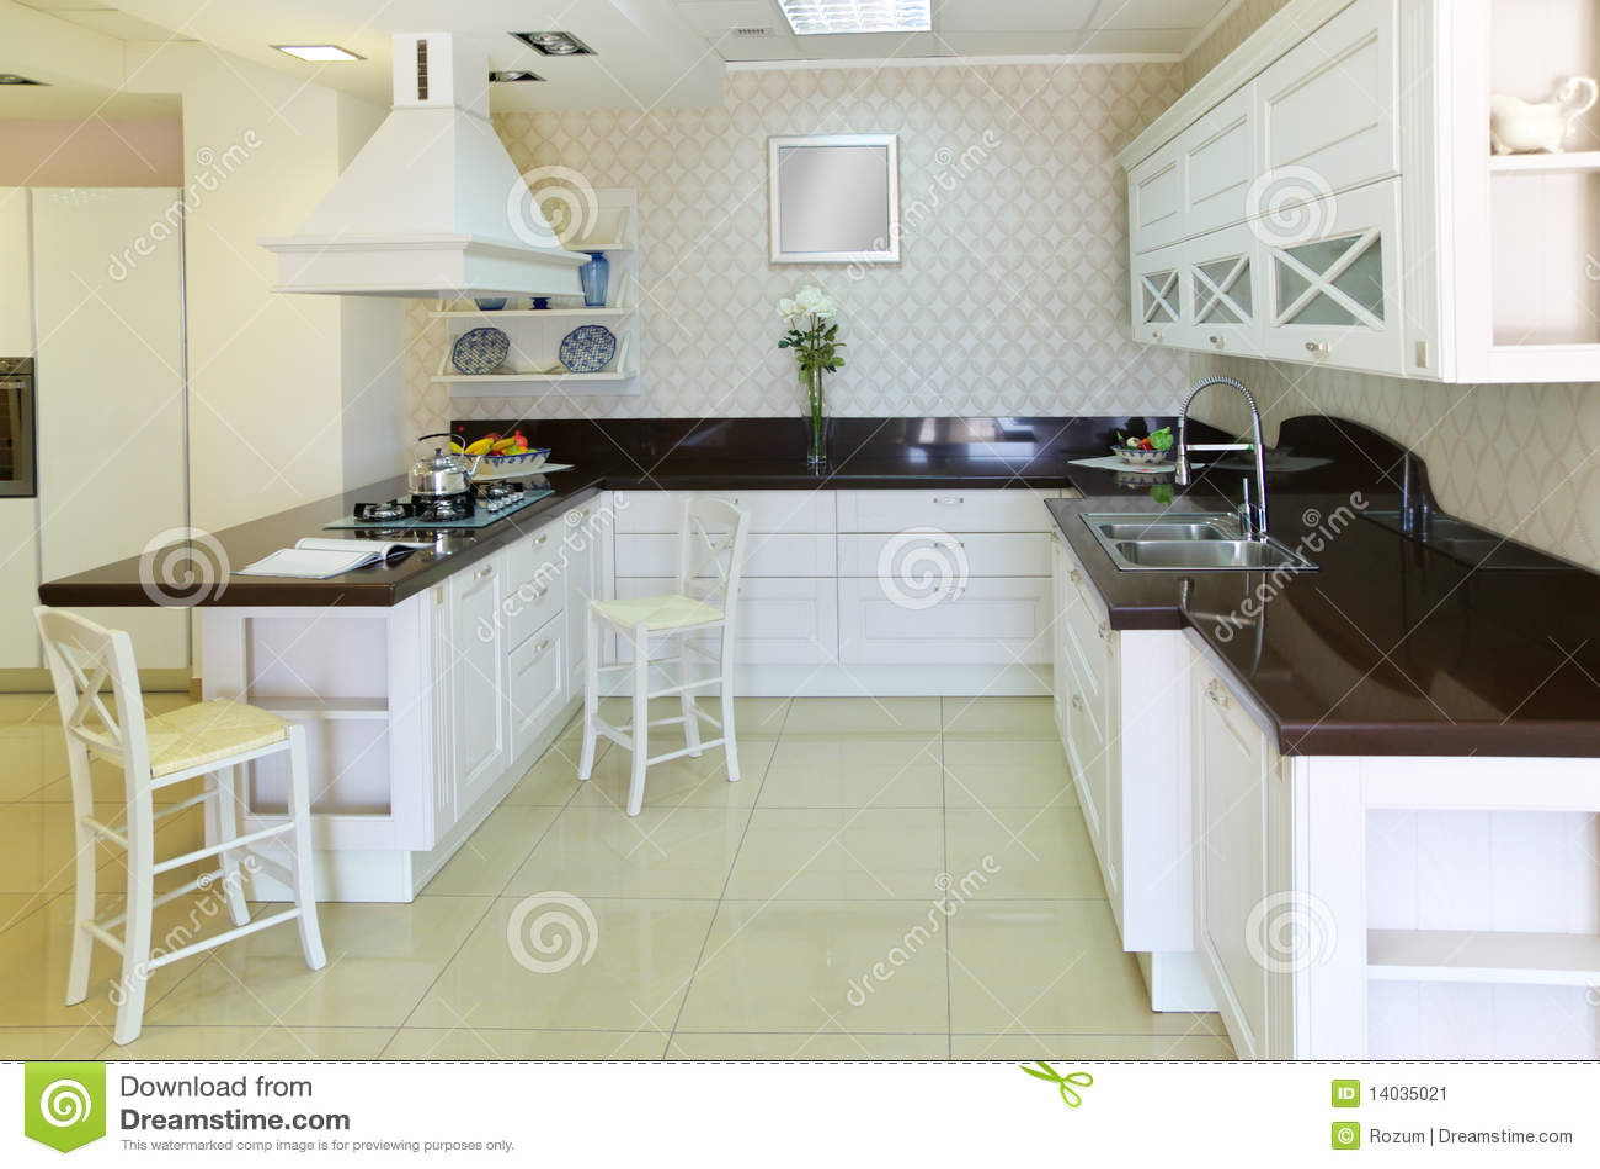 Cocina blanca moderna imagen de archivo imagen 14035021 - Cocina blanca moderna ...